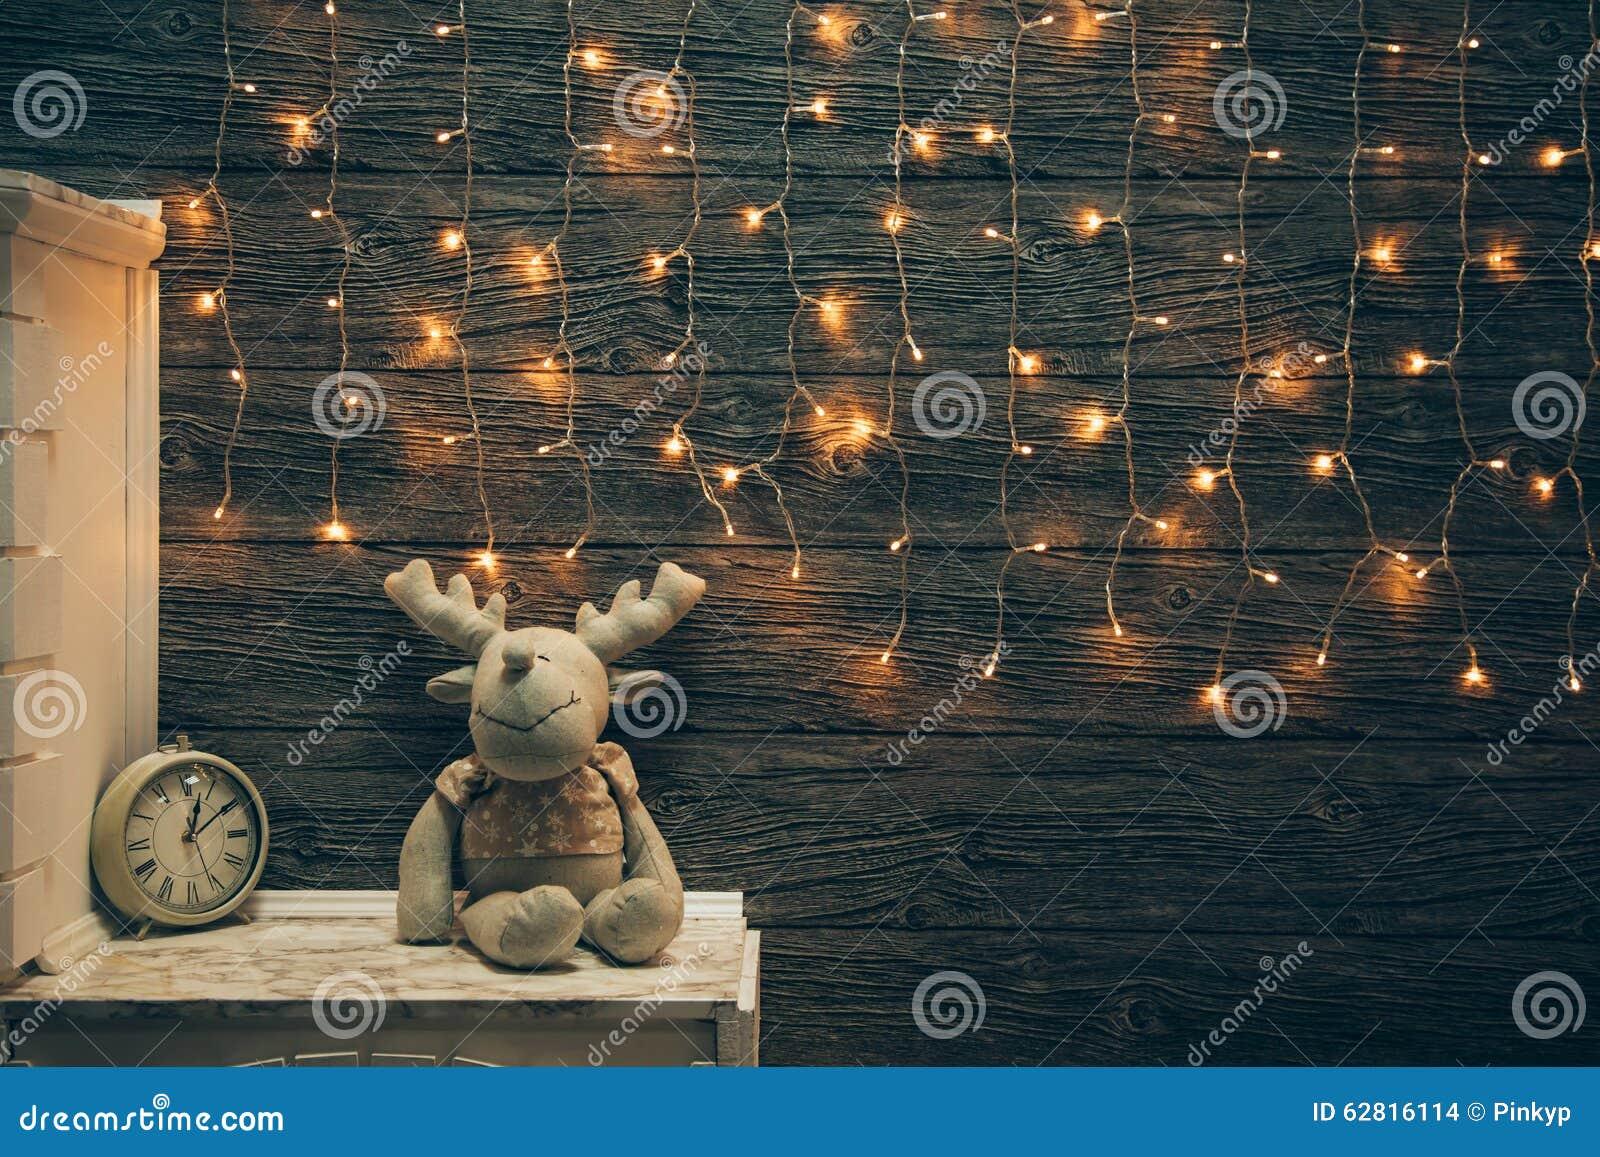 Garland Lights, toy deer, alarm clock on old grunge wooden board